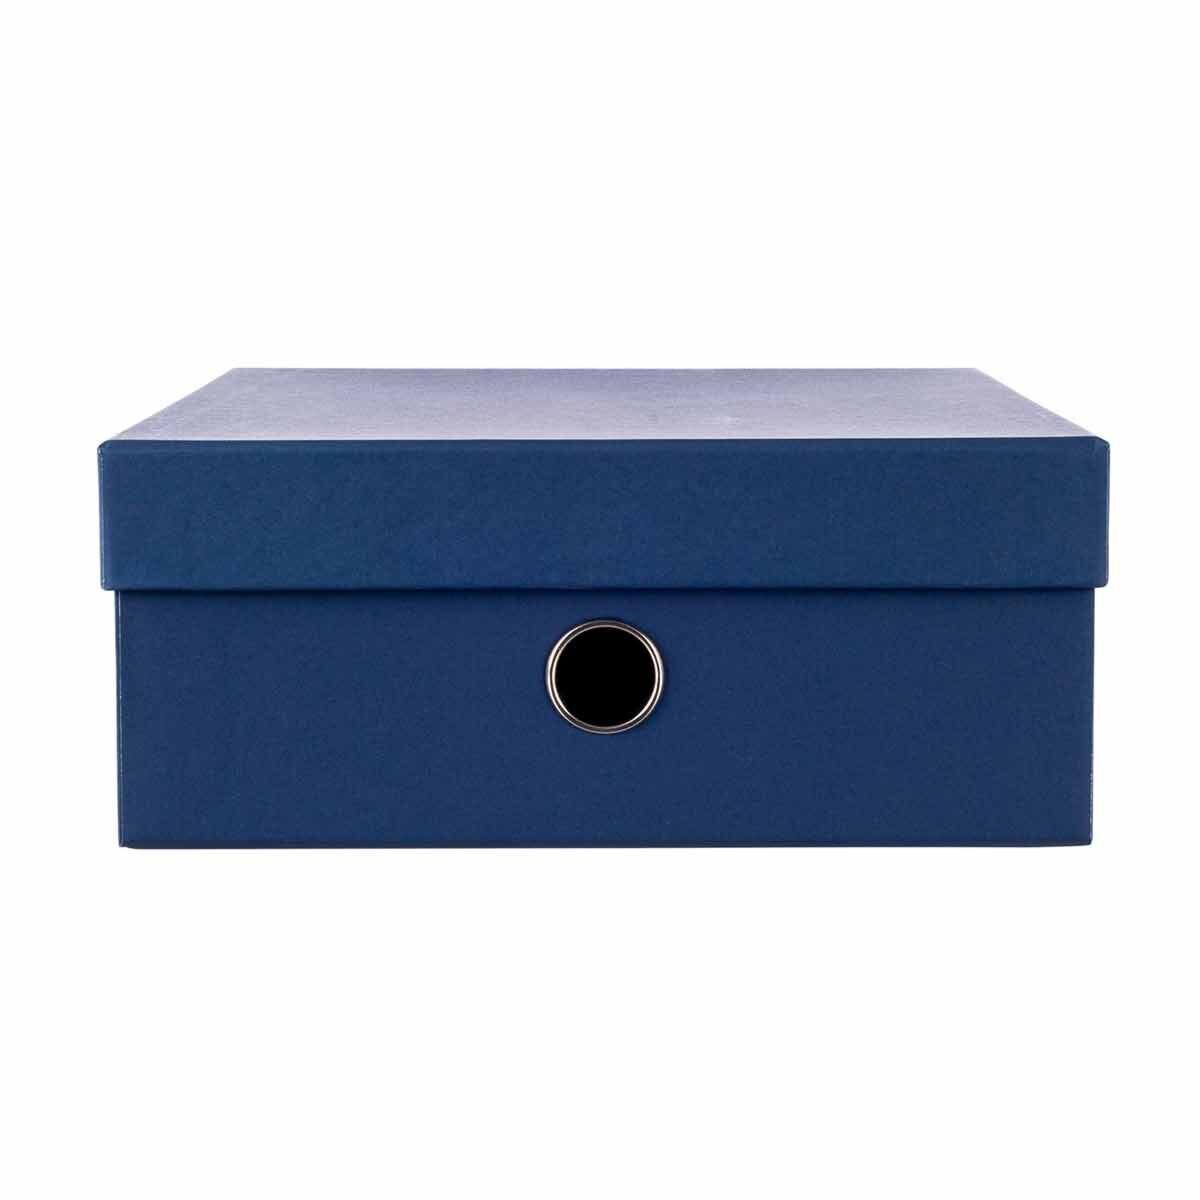 Ryman Pastel Storage Box A4 Navy